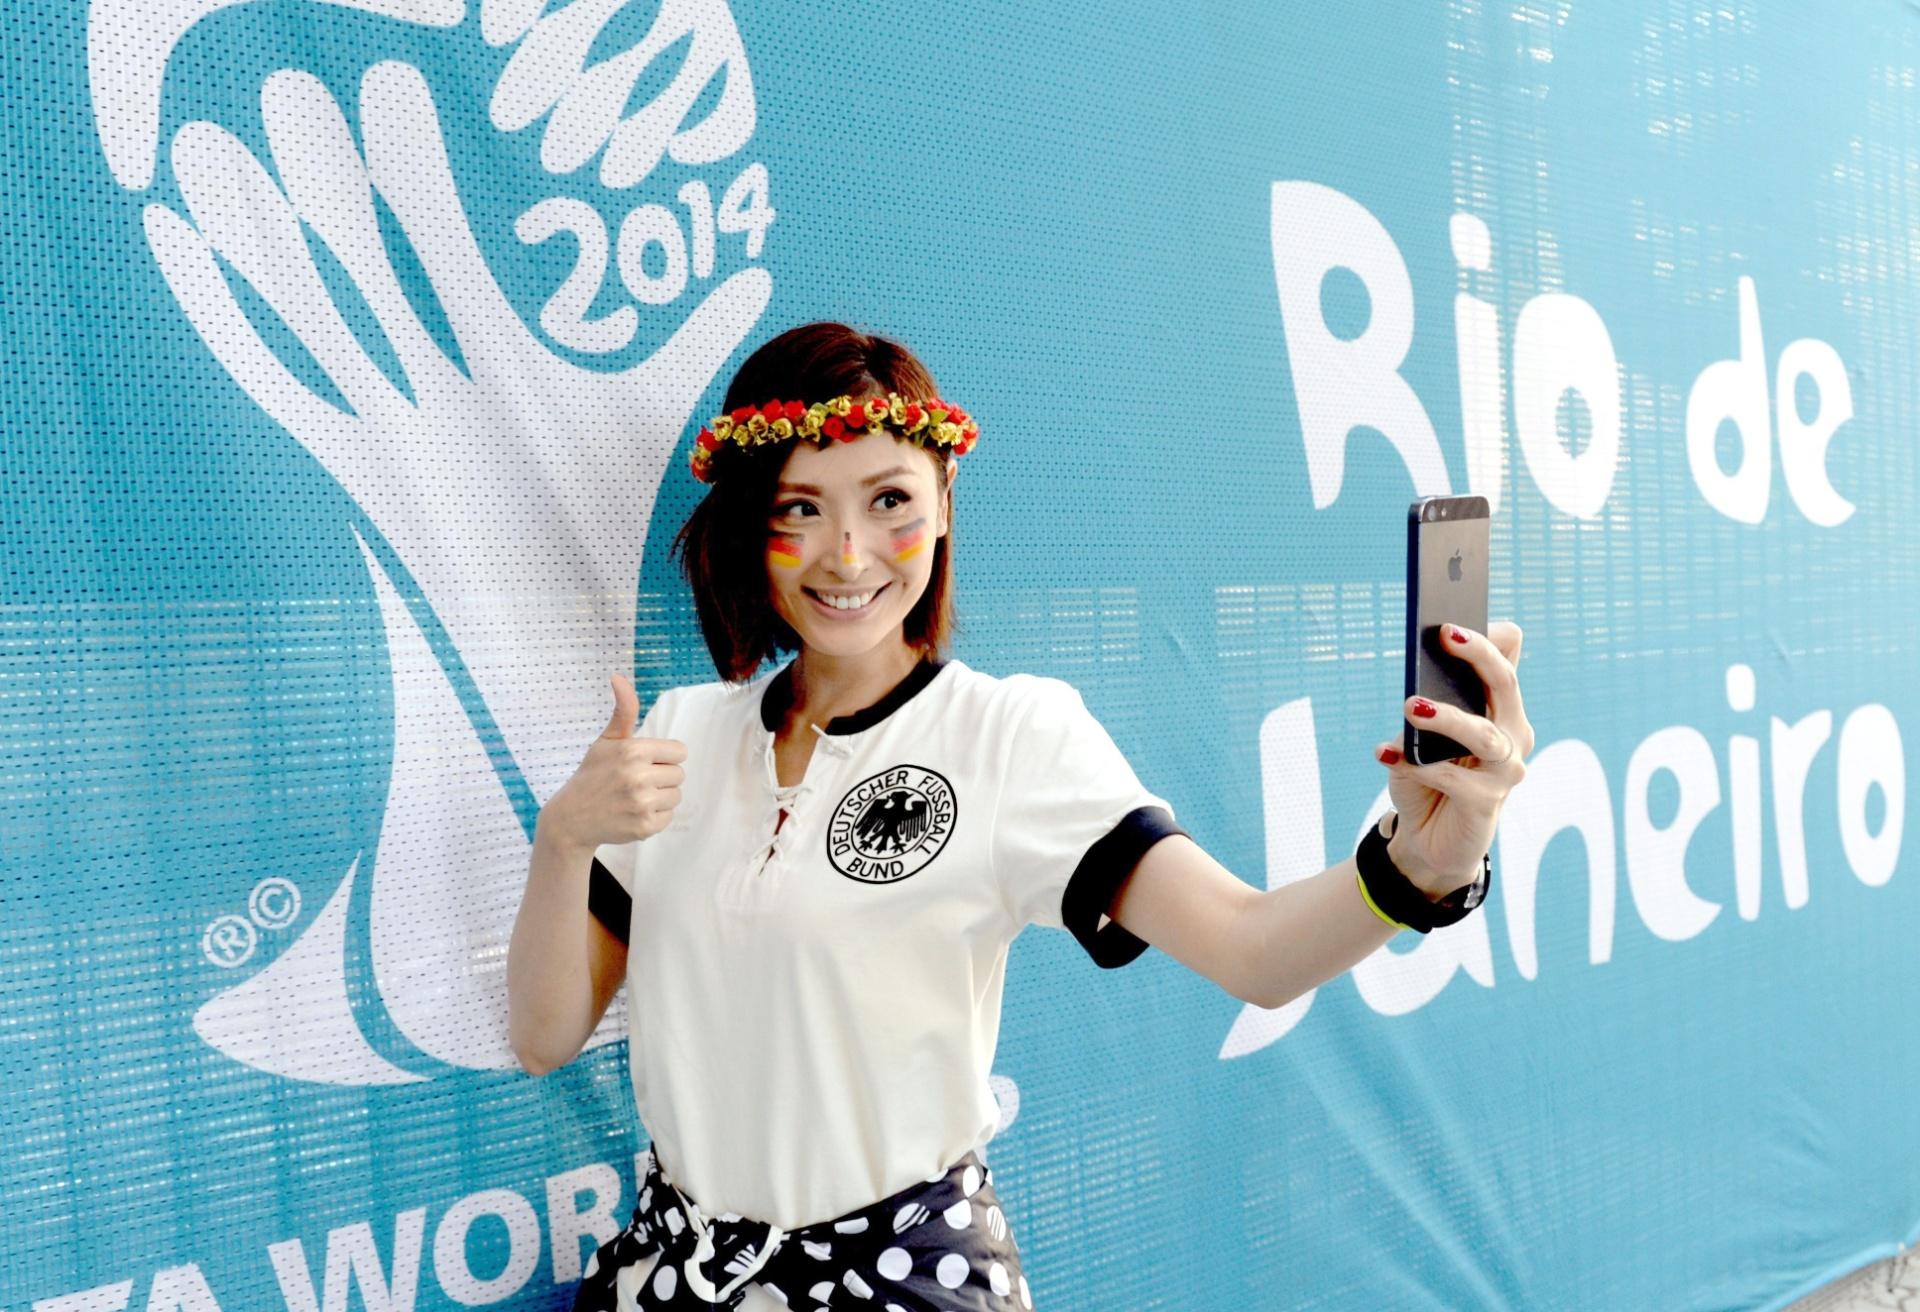 Toda produzida para a final da Copa do Mundo, torcedora da Alemanha faz selfie em frente a painel da taça do mundo